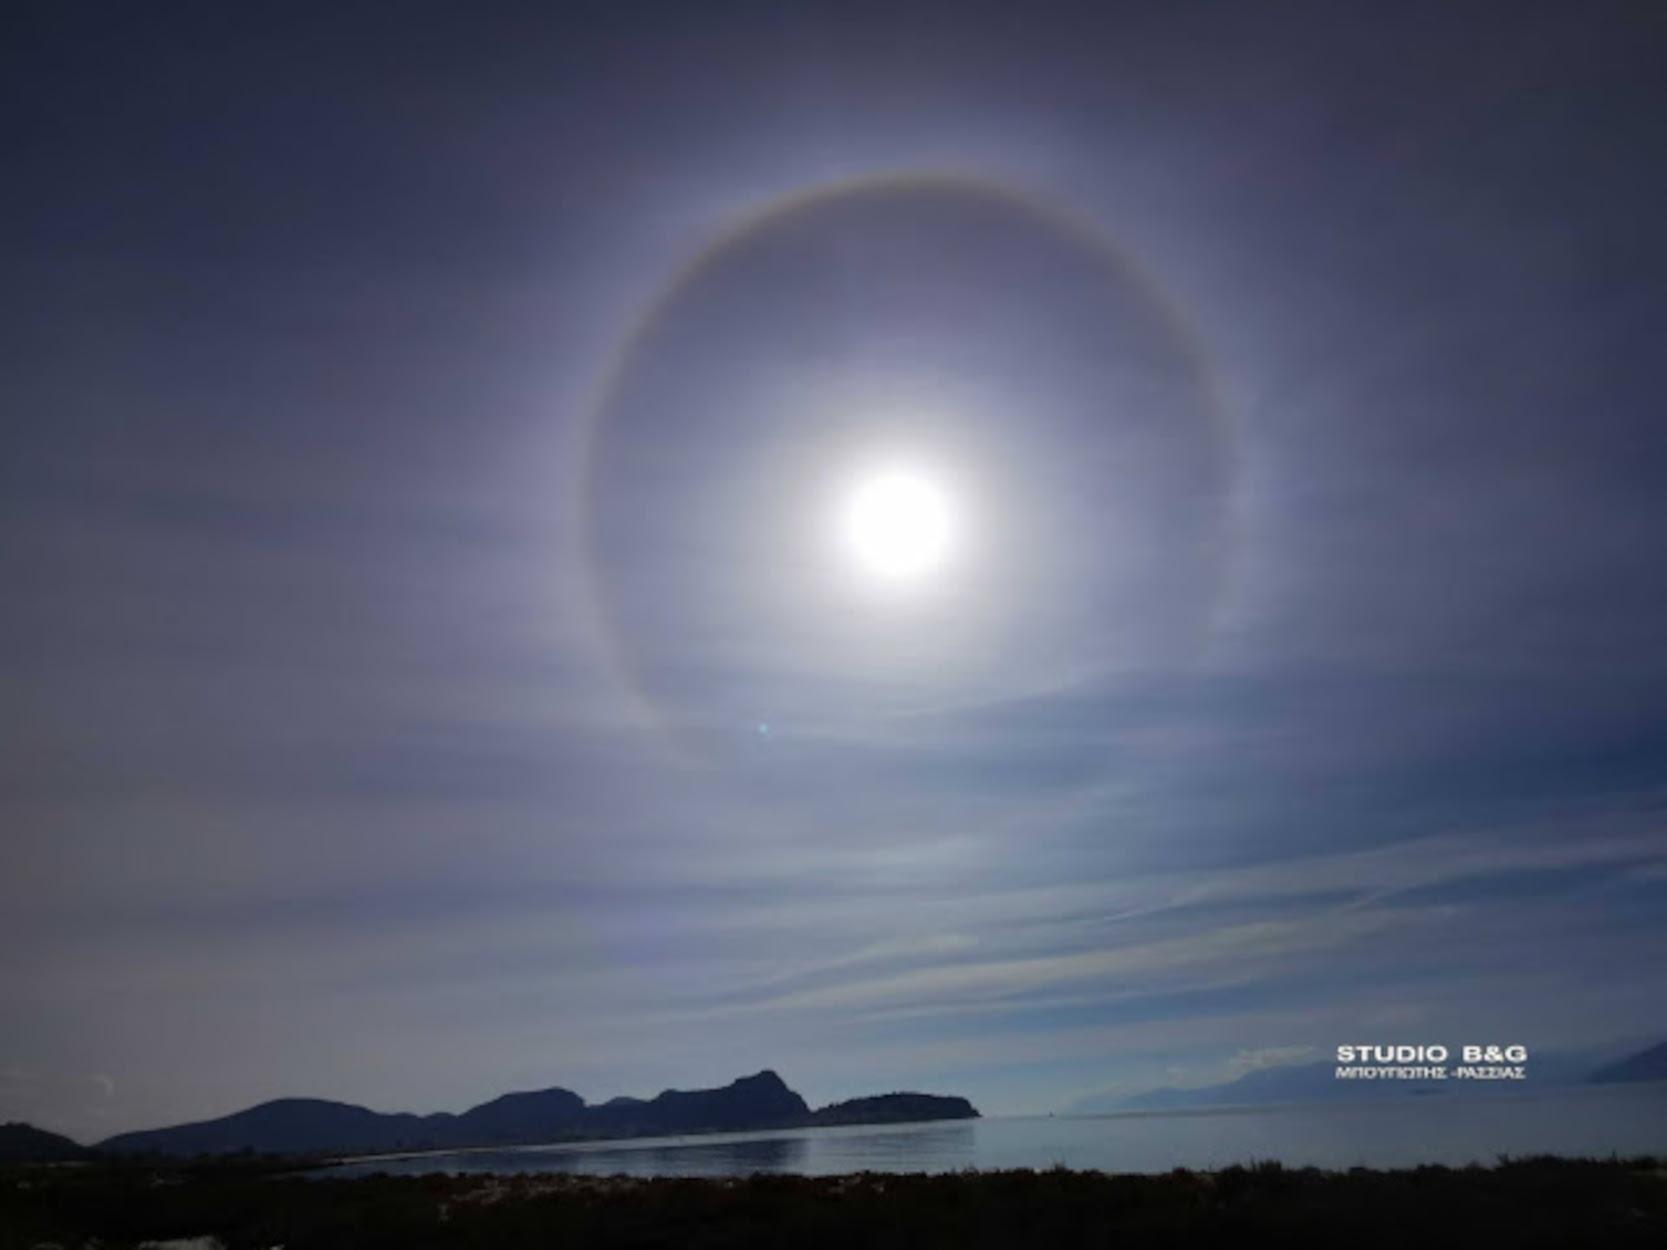 Αργολίδα: Πως λέγεται το εντυπωσιακό φαινόμενο που εμφανίστηκε στον ουρανό (pics)